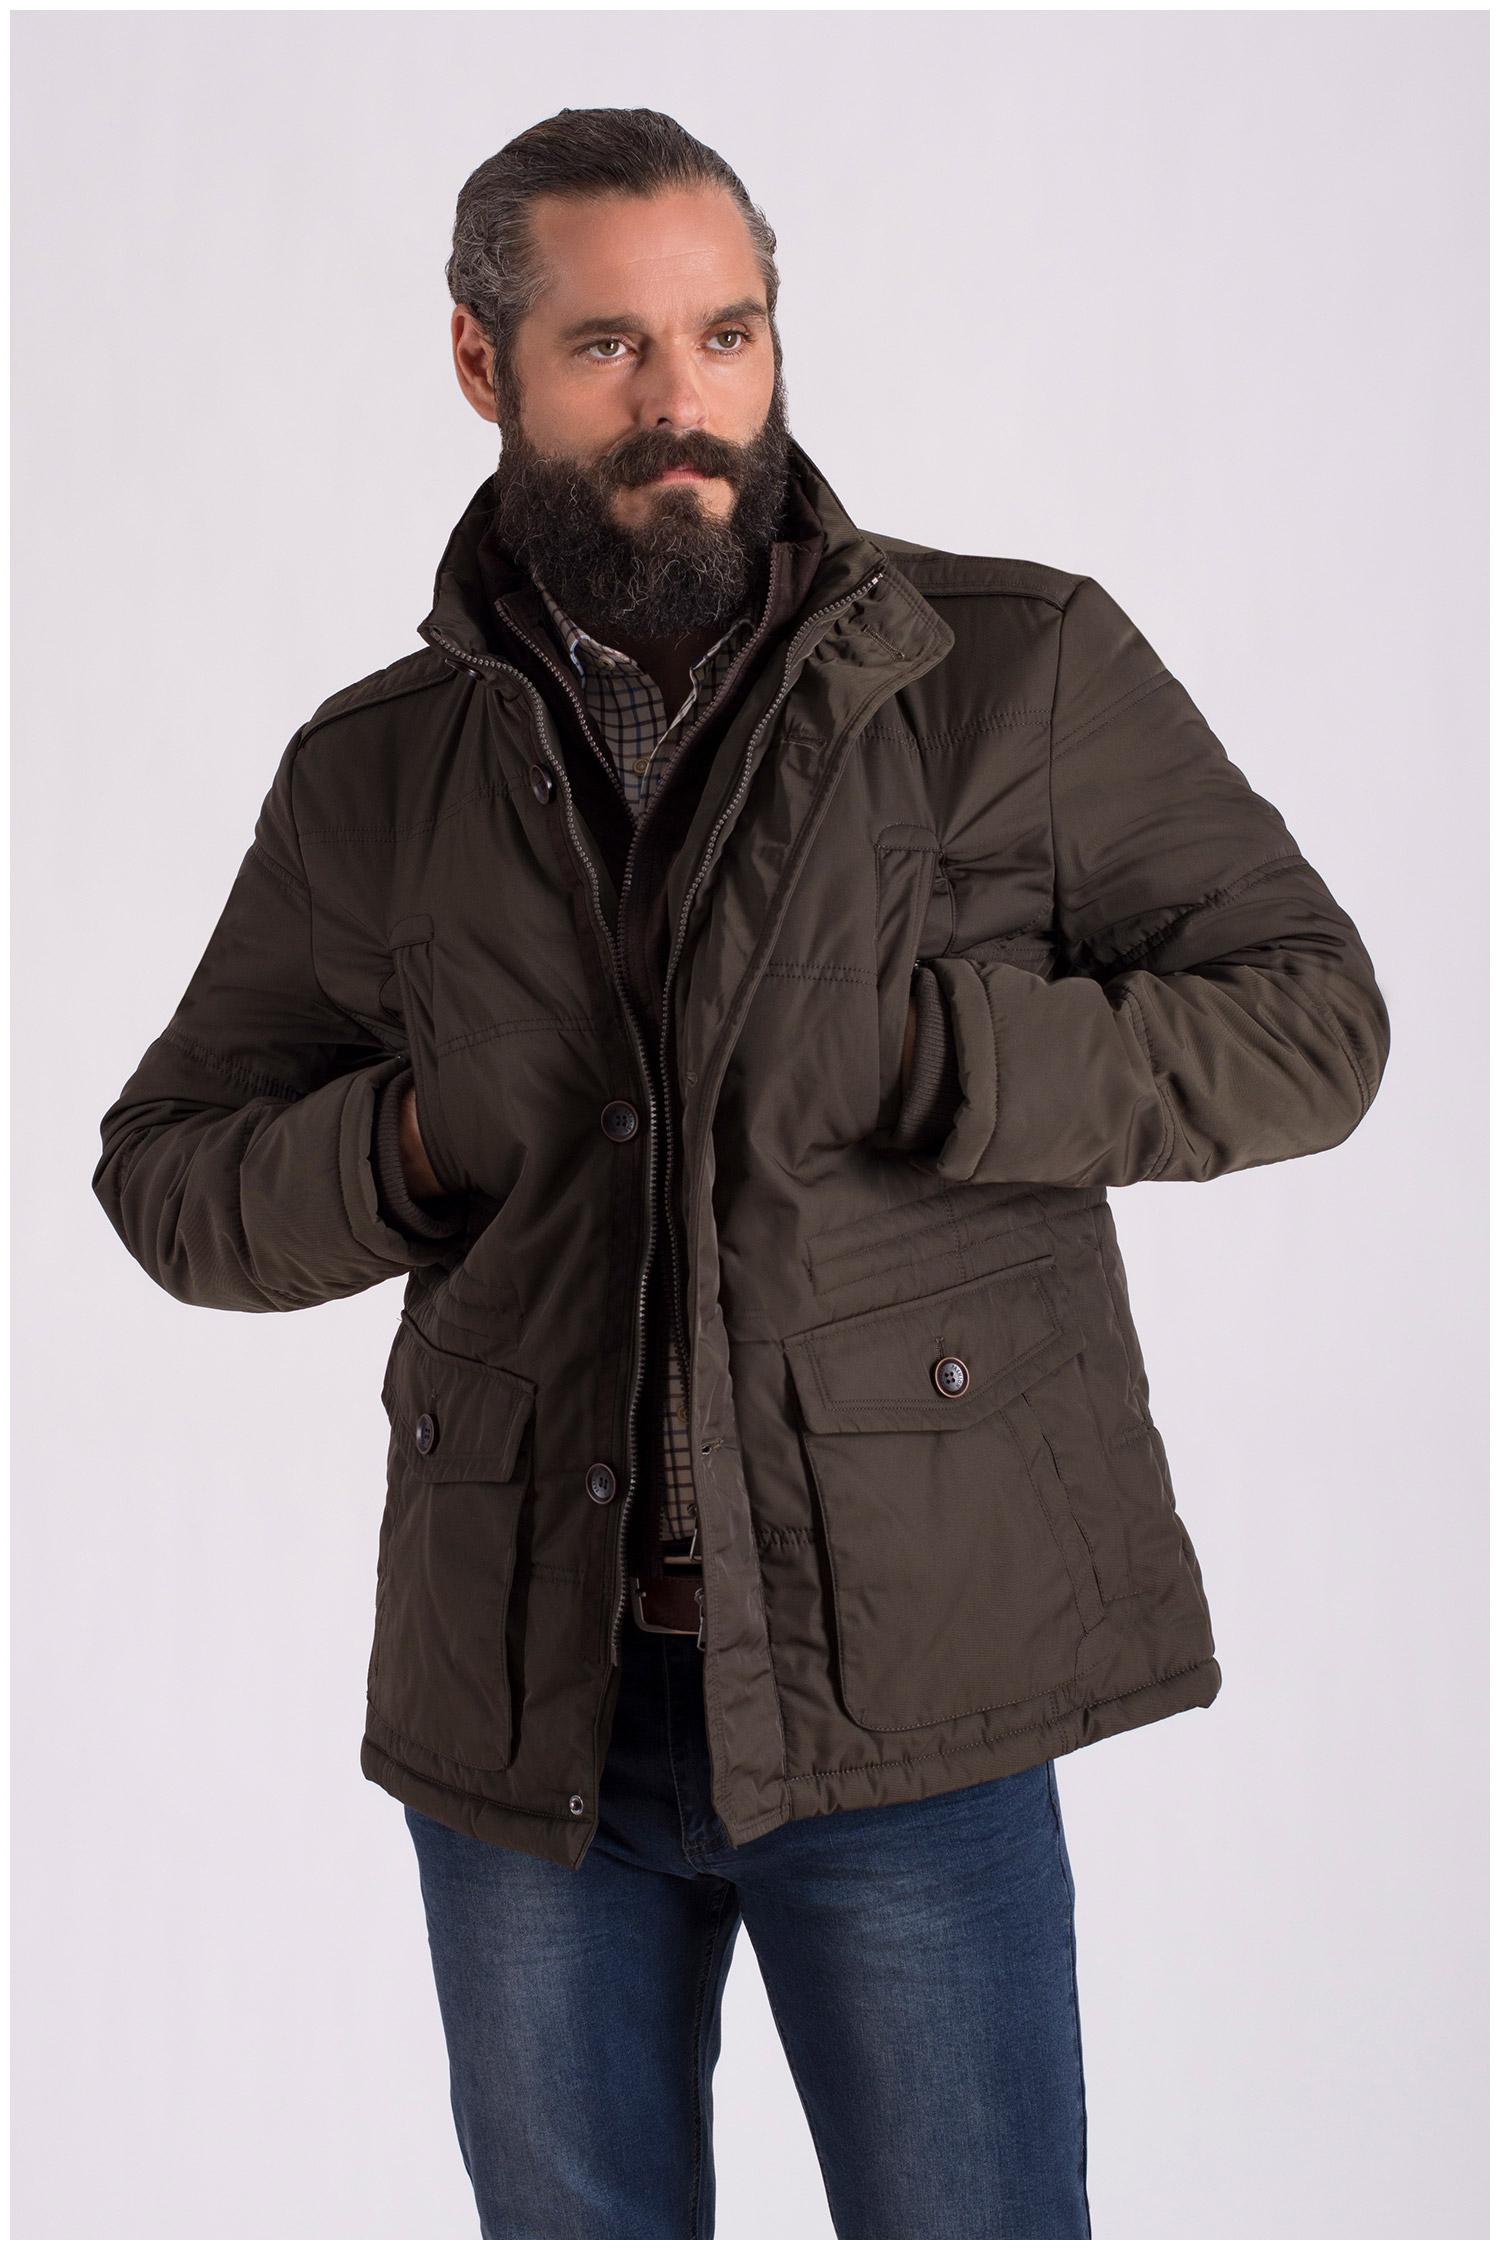 Abrigo, Chaquetones y Piel, 108598, CAZA | Zoom